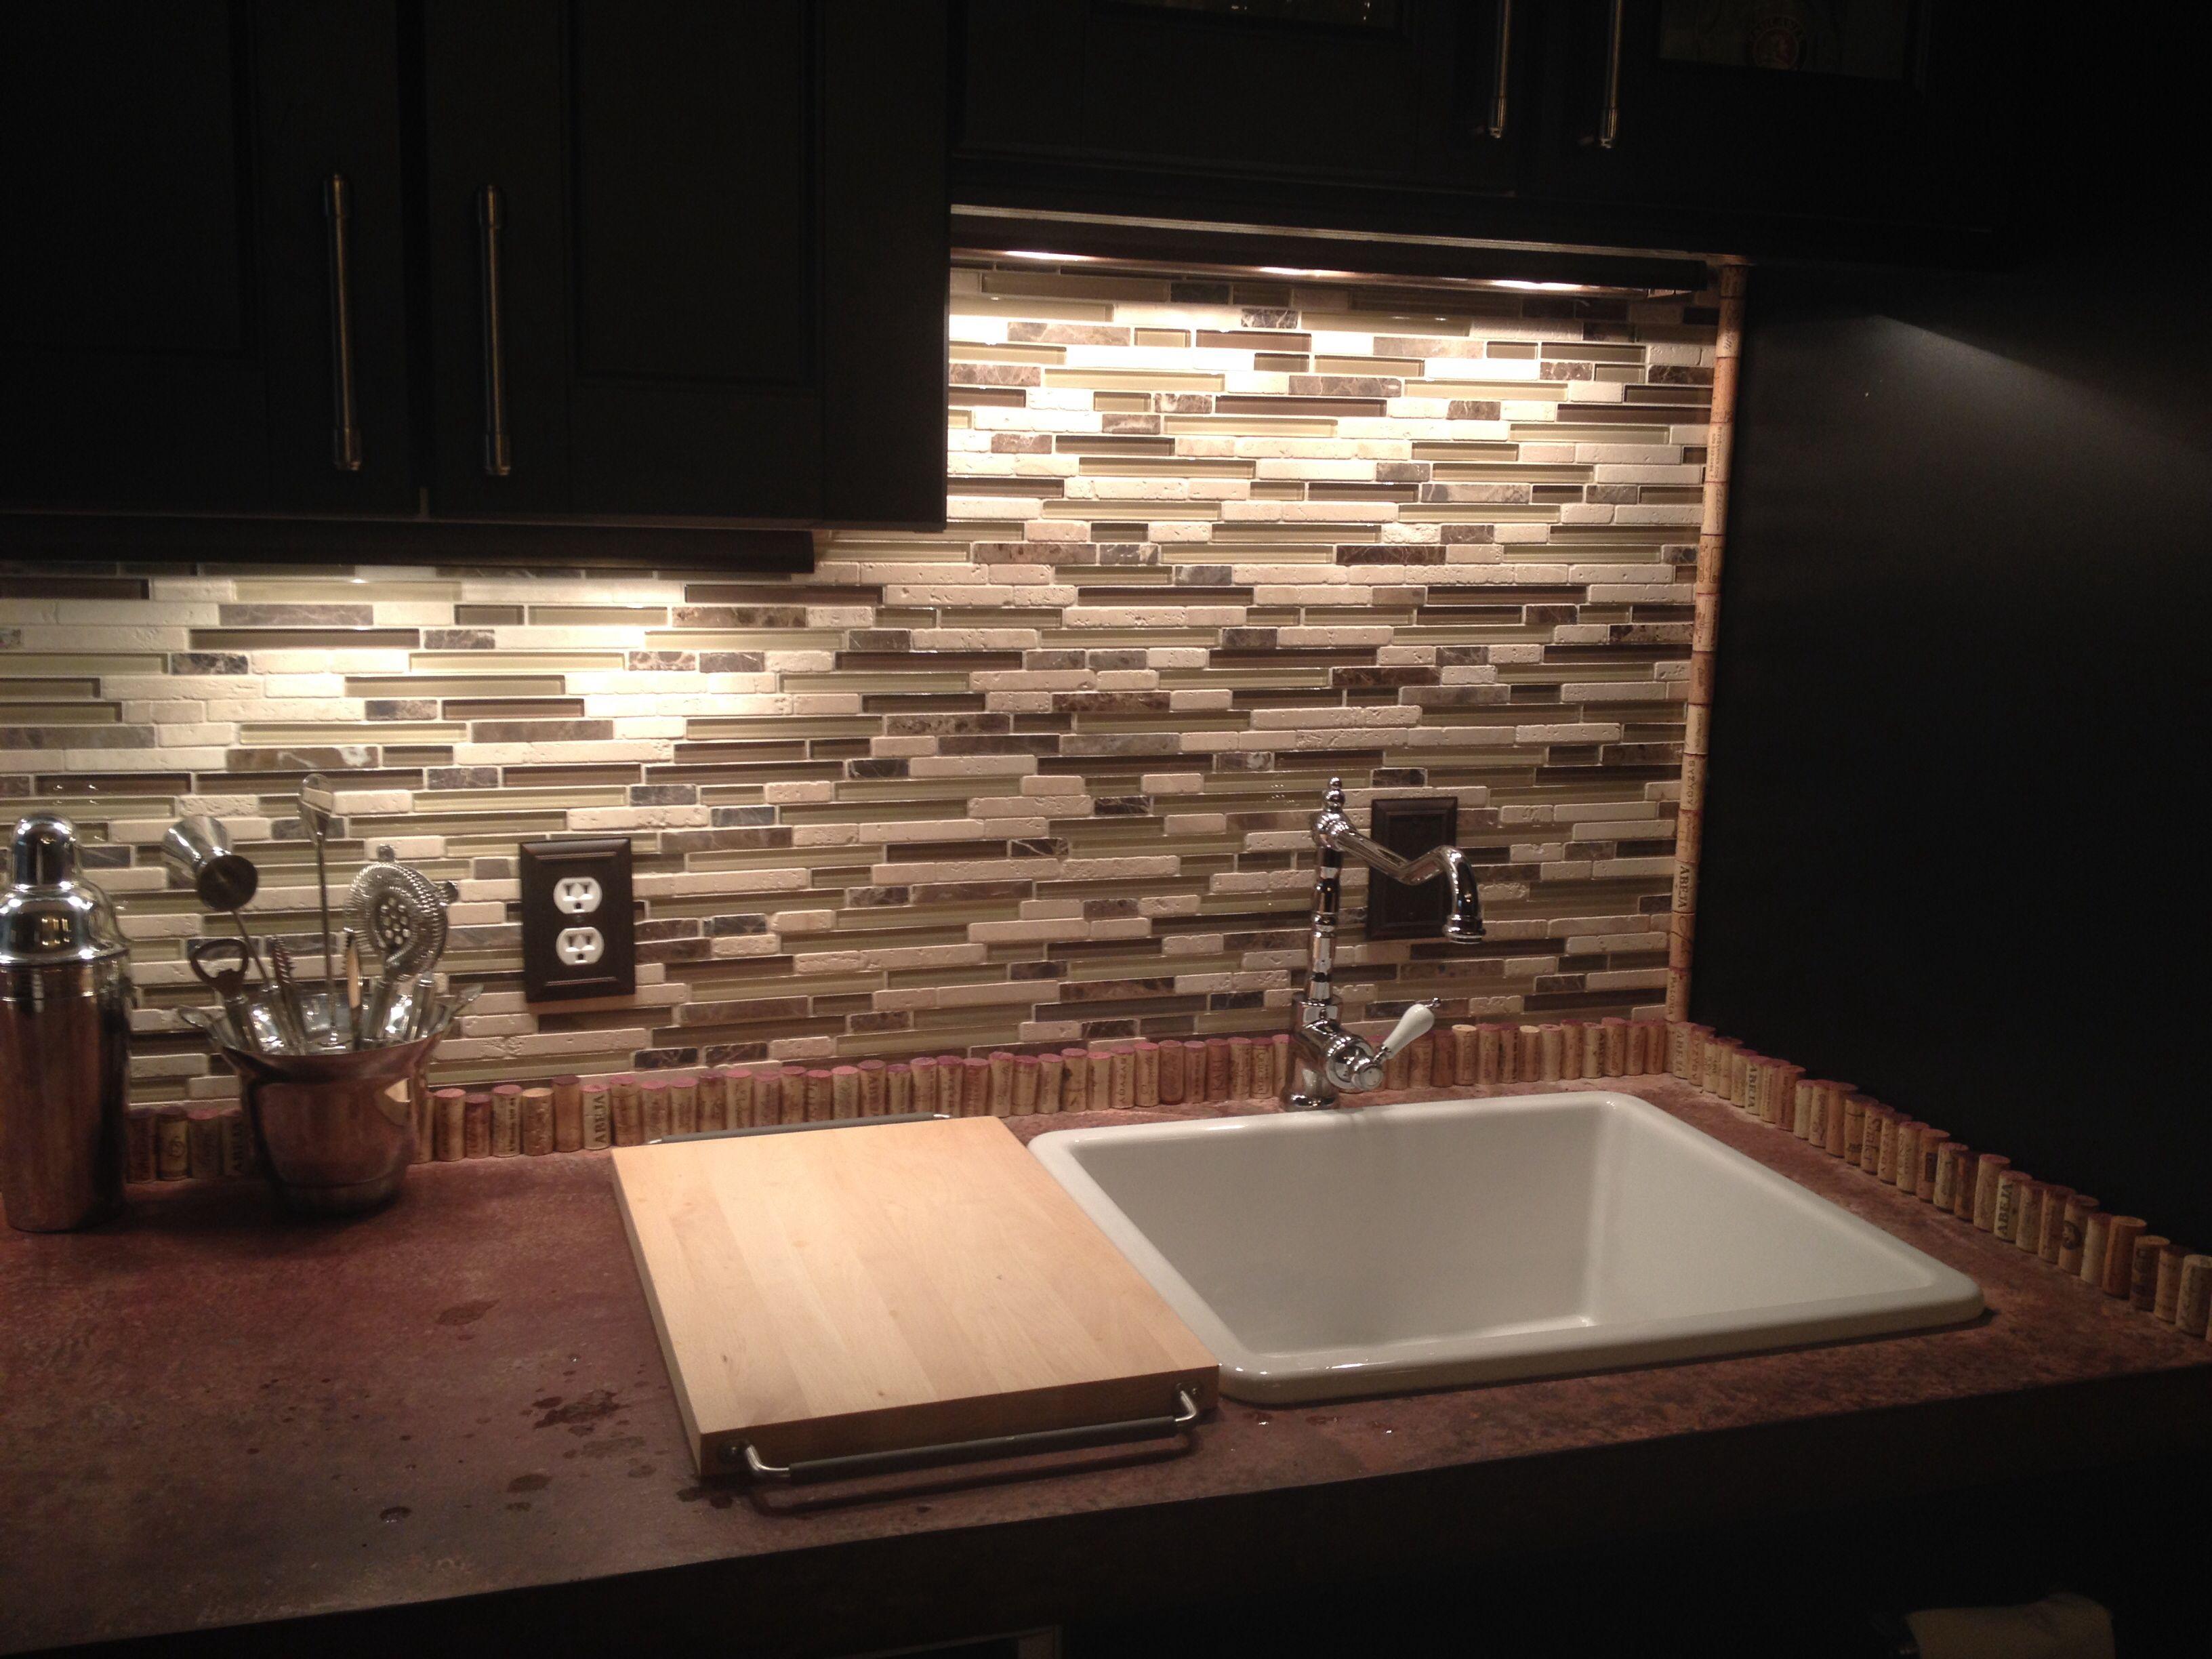 - Tile Backsplash With Wine Cork Border. Home Projects, Tile